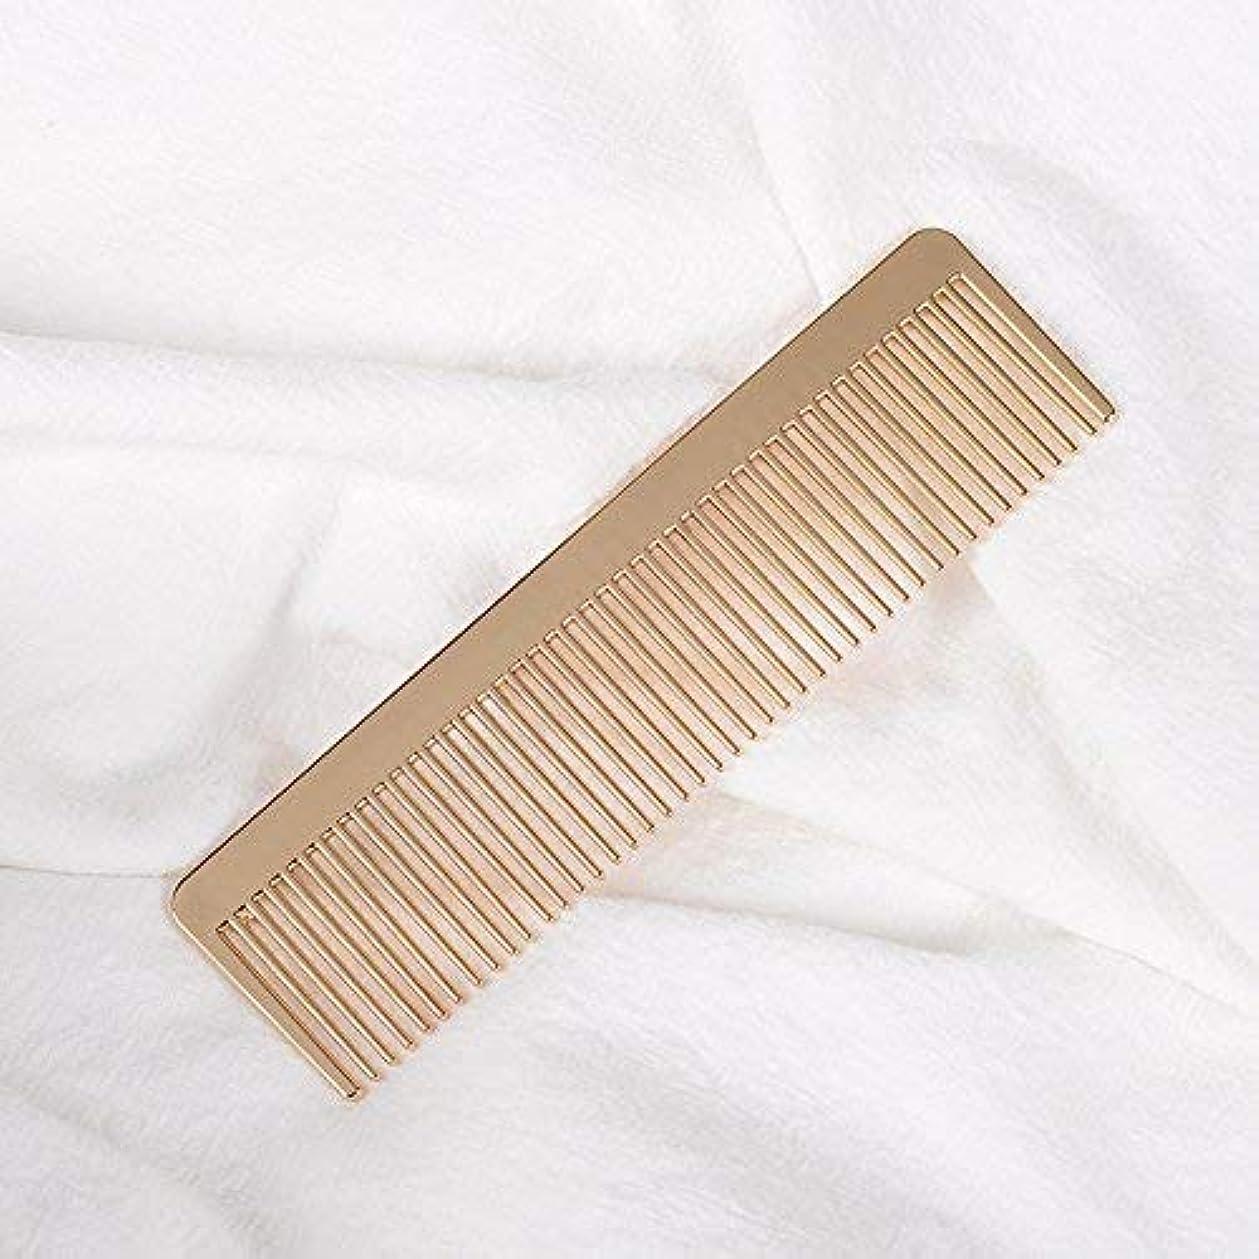 アーサーコナンドイル探偵霧深いGrtdrm Portable Metal Comb, Minimalist Pocket Golden Hair Comb for Women Men Unisex [並行輸入品]